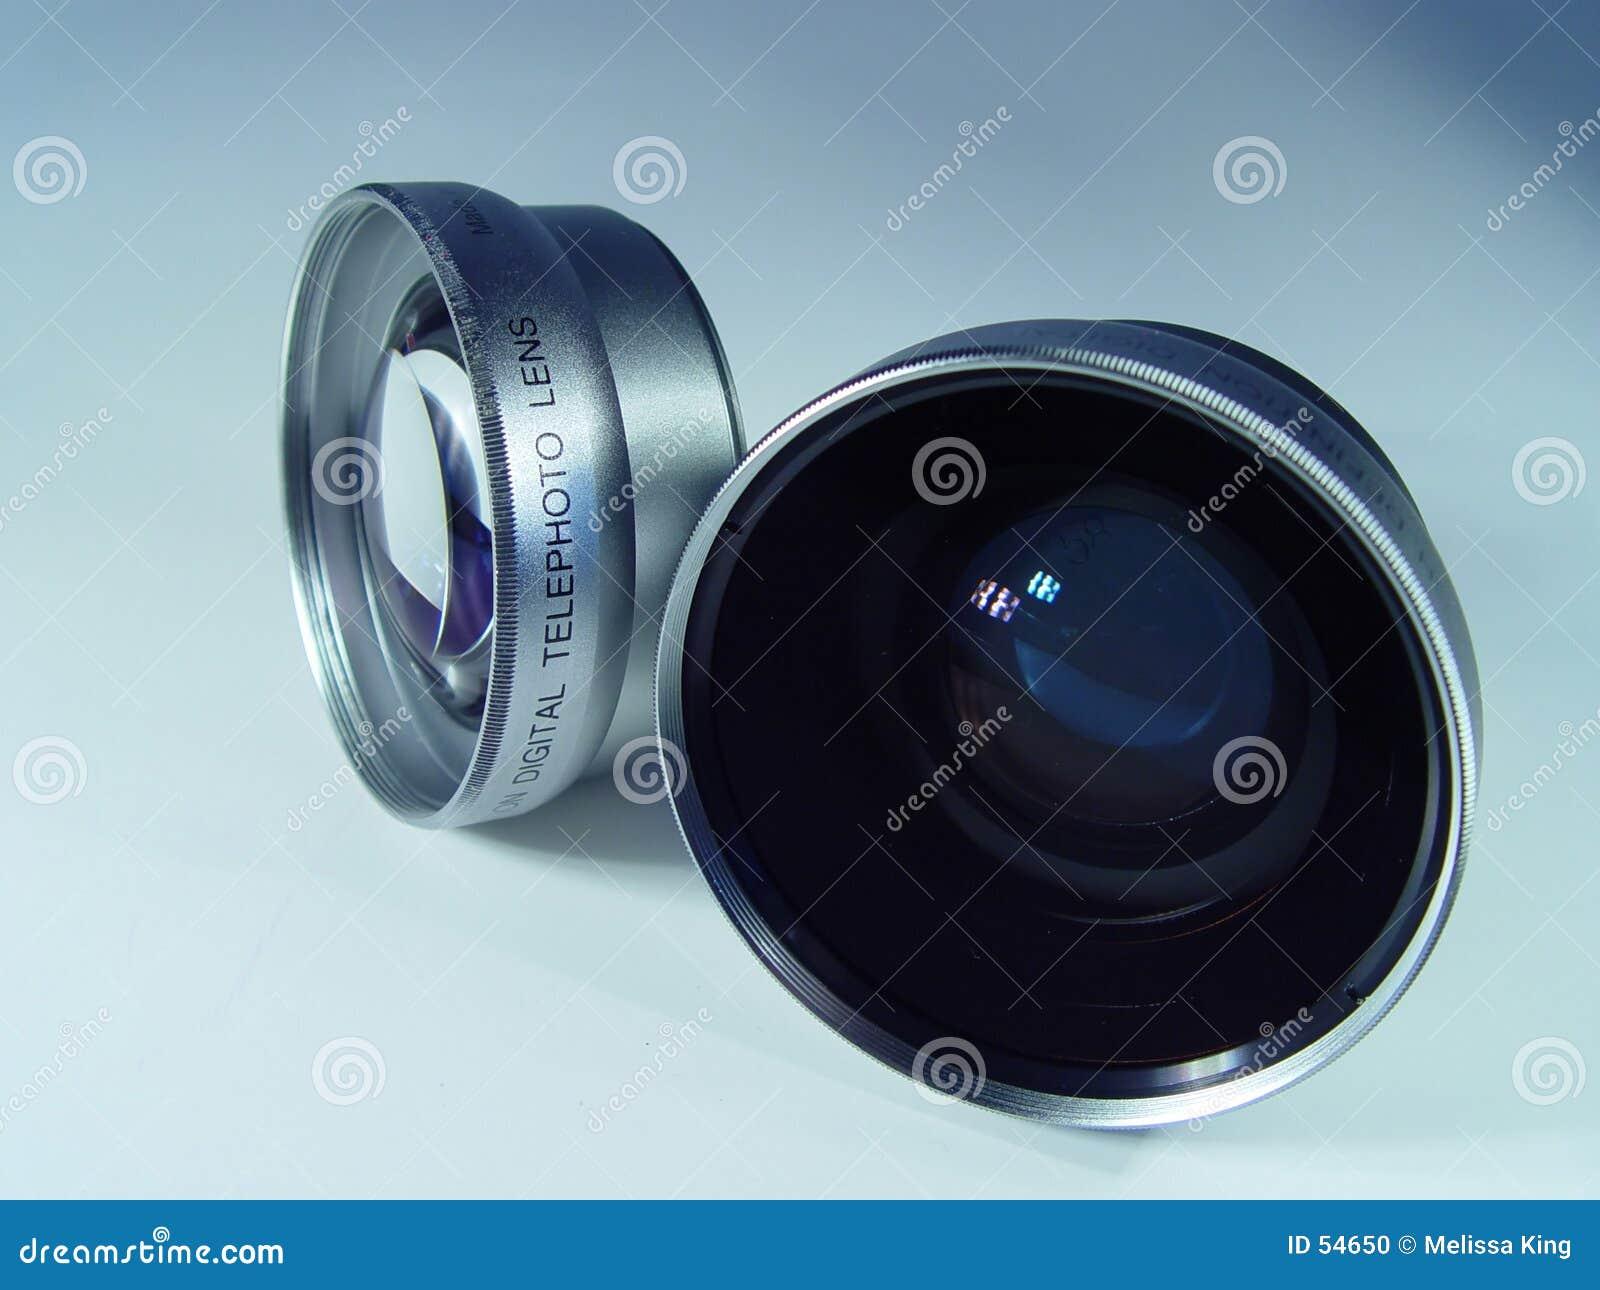 объектив фотоаппарата 2